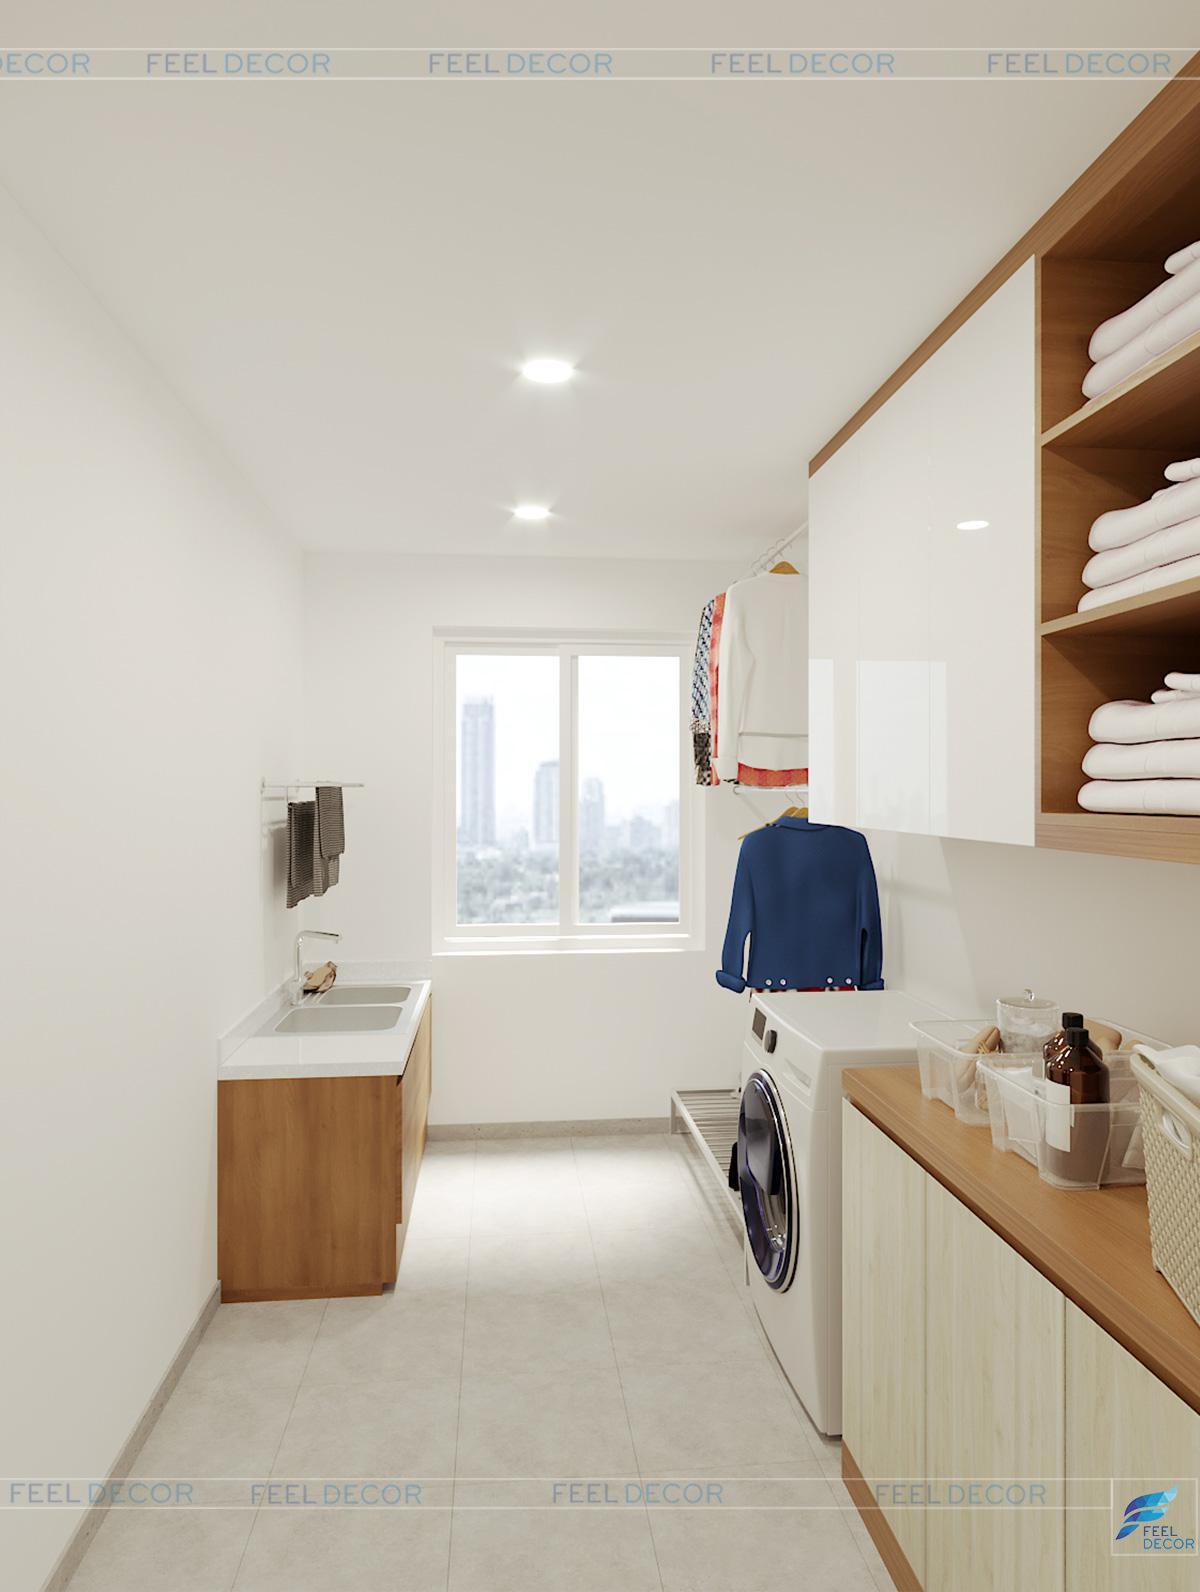 Hình ảnh 3D nội thất phòng giặt phơi nhà phố Tân Bình